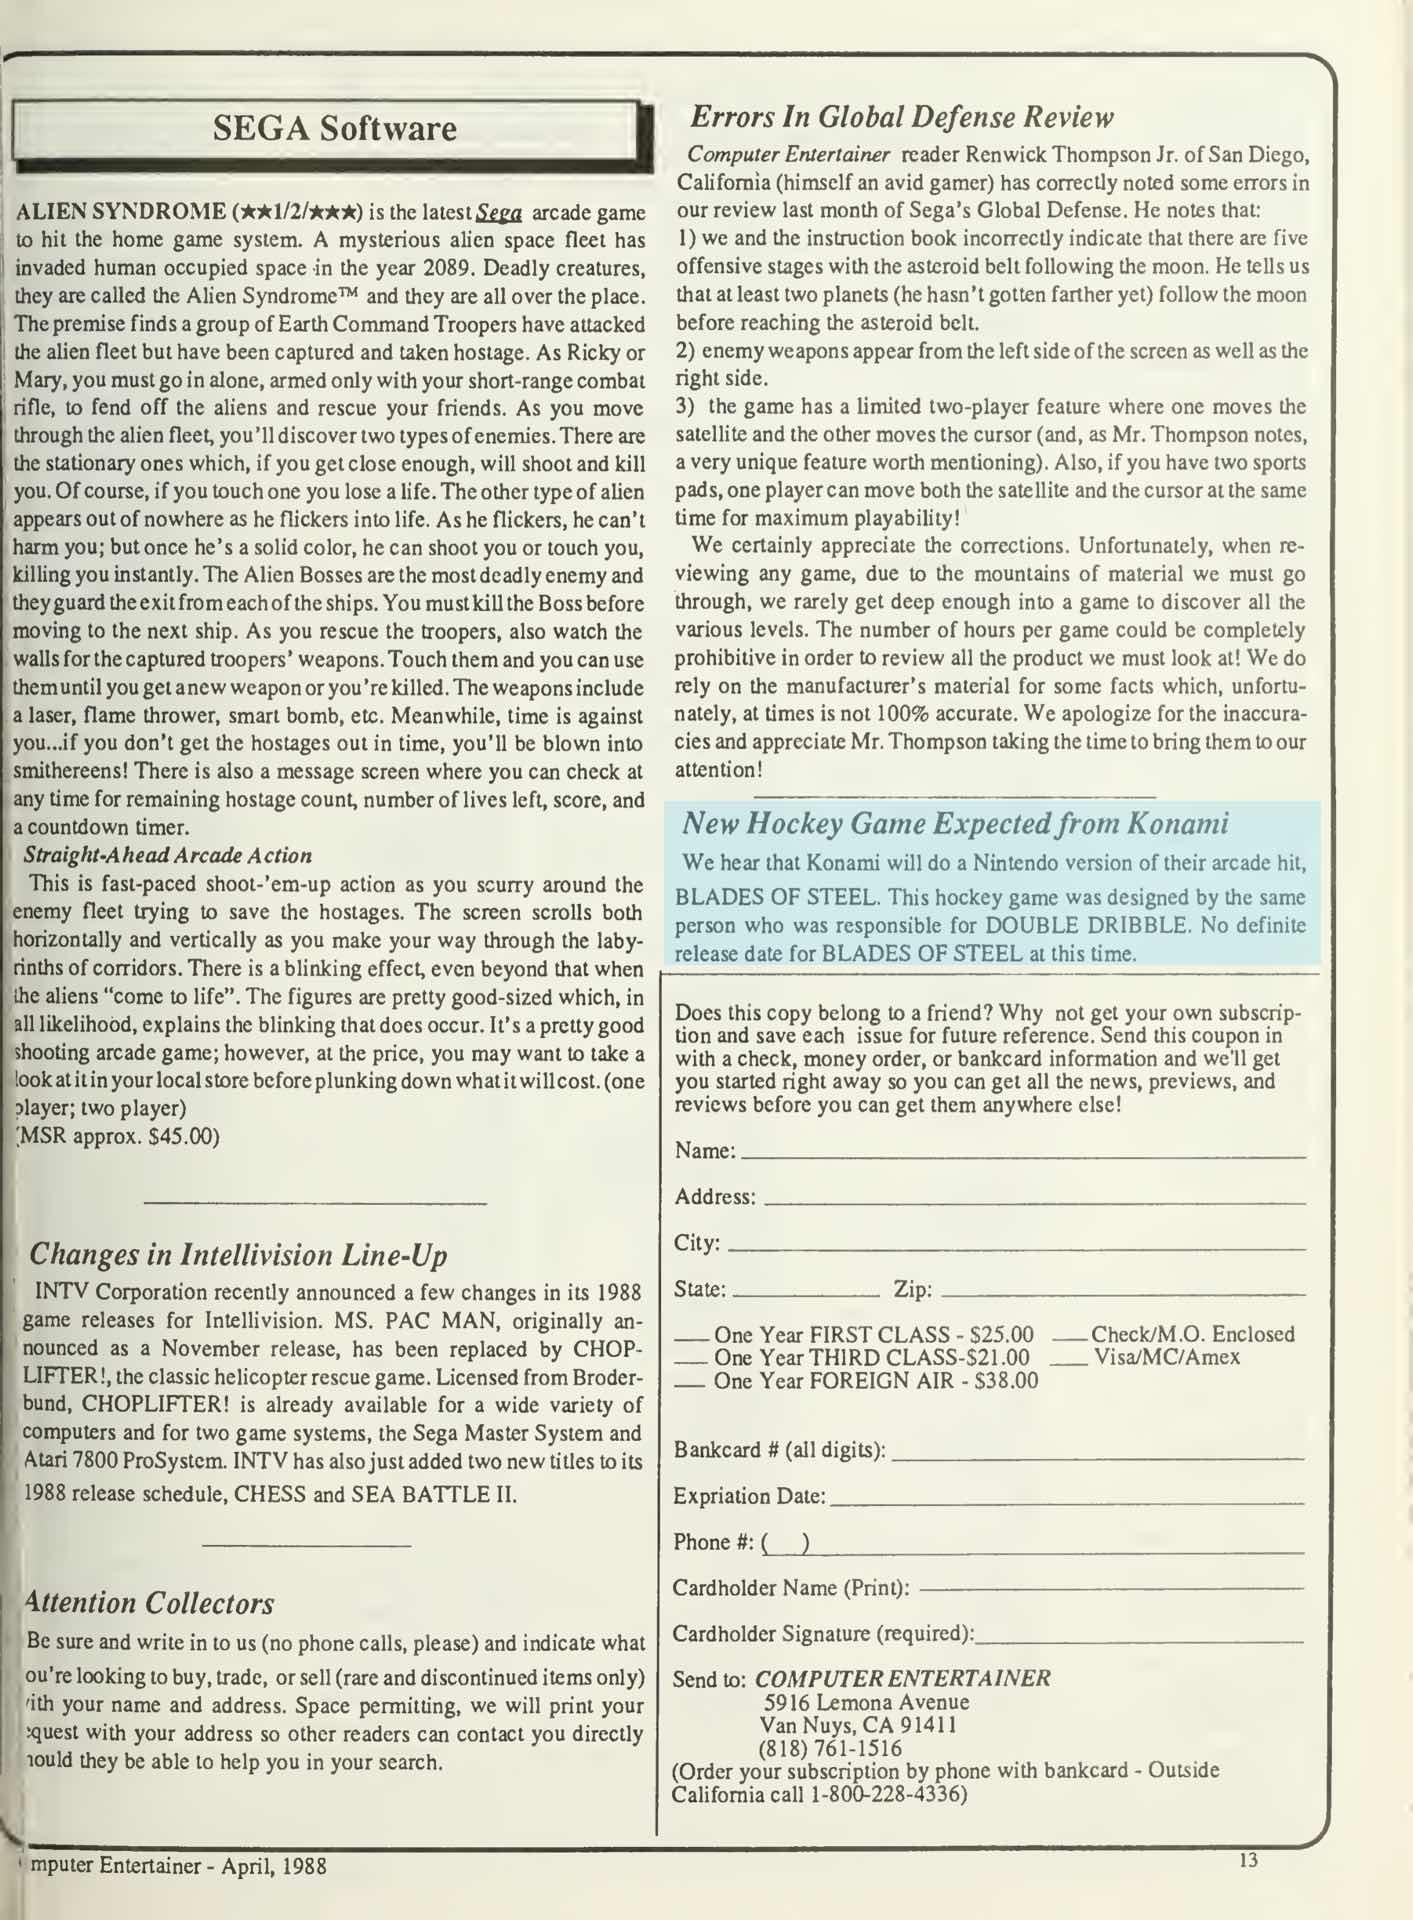 Computer Entertainer - April 1988 - pg 13